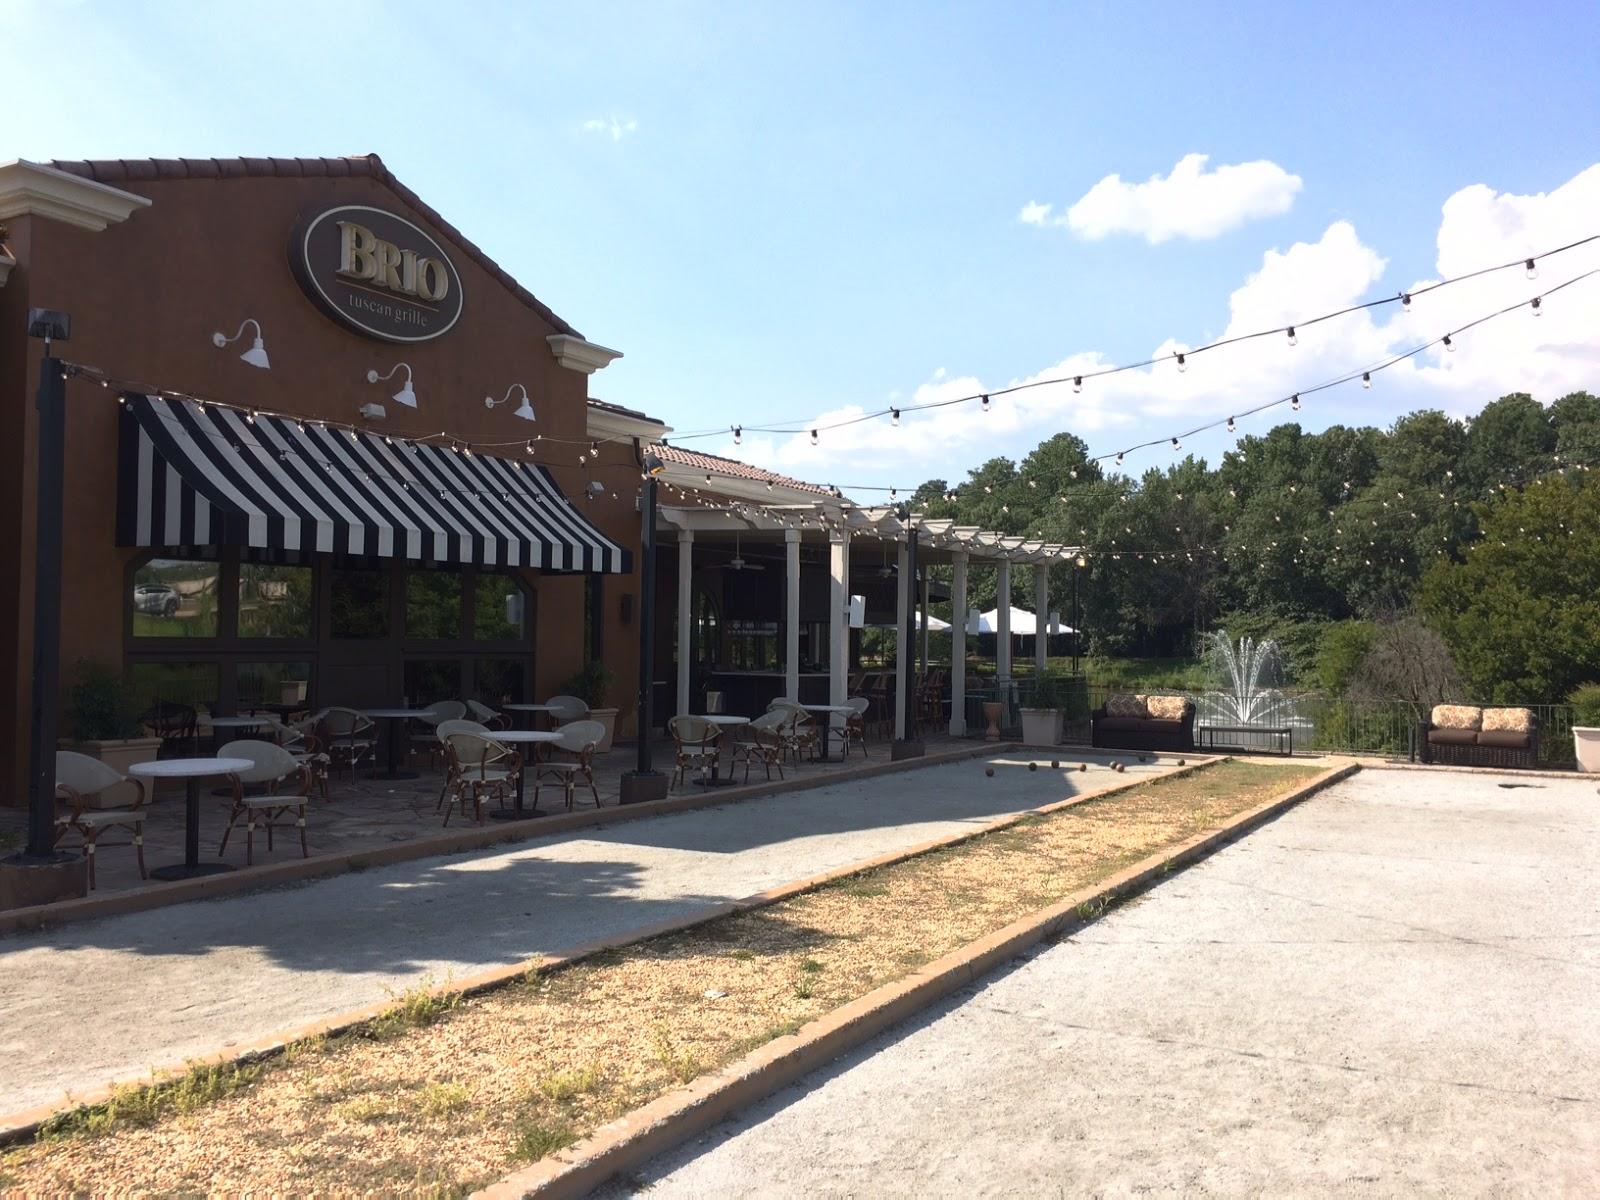 Tomorrow 39 S News Today Atlanta Brio Tuscan Grille To Bid